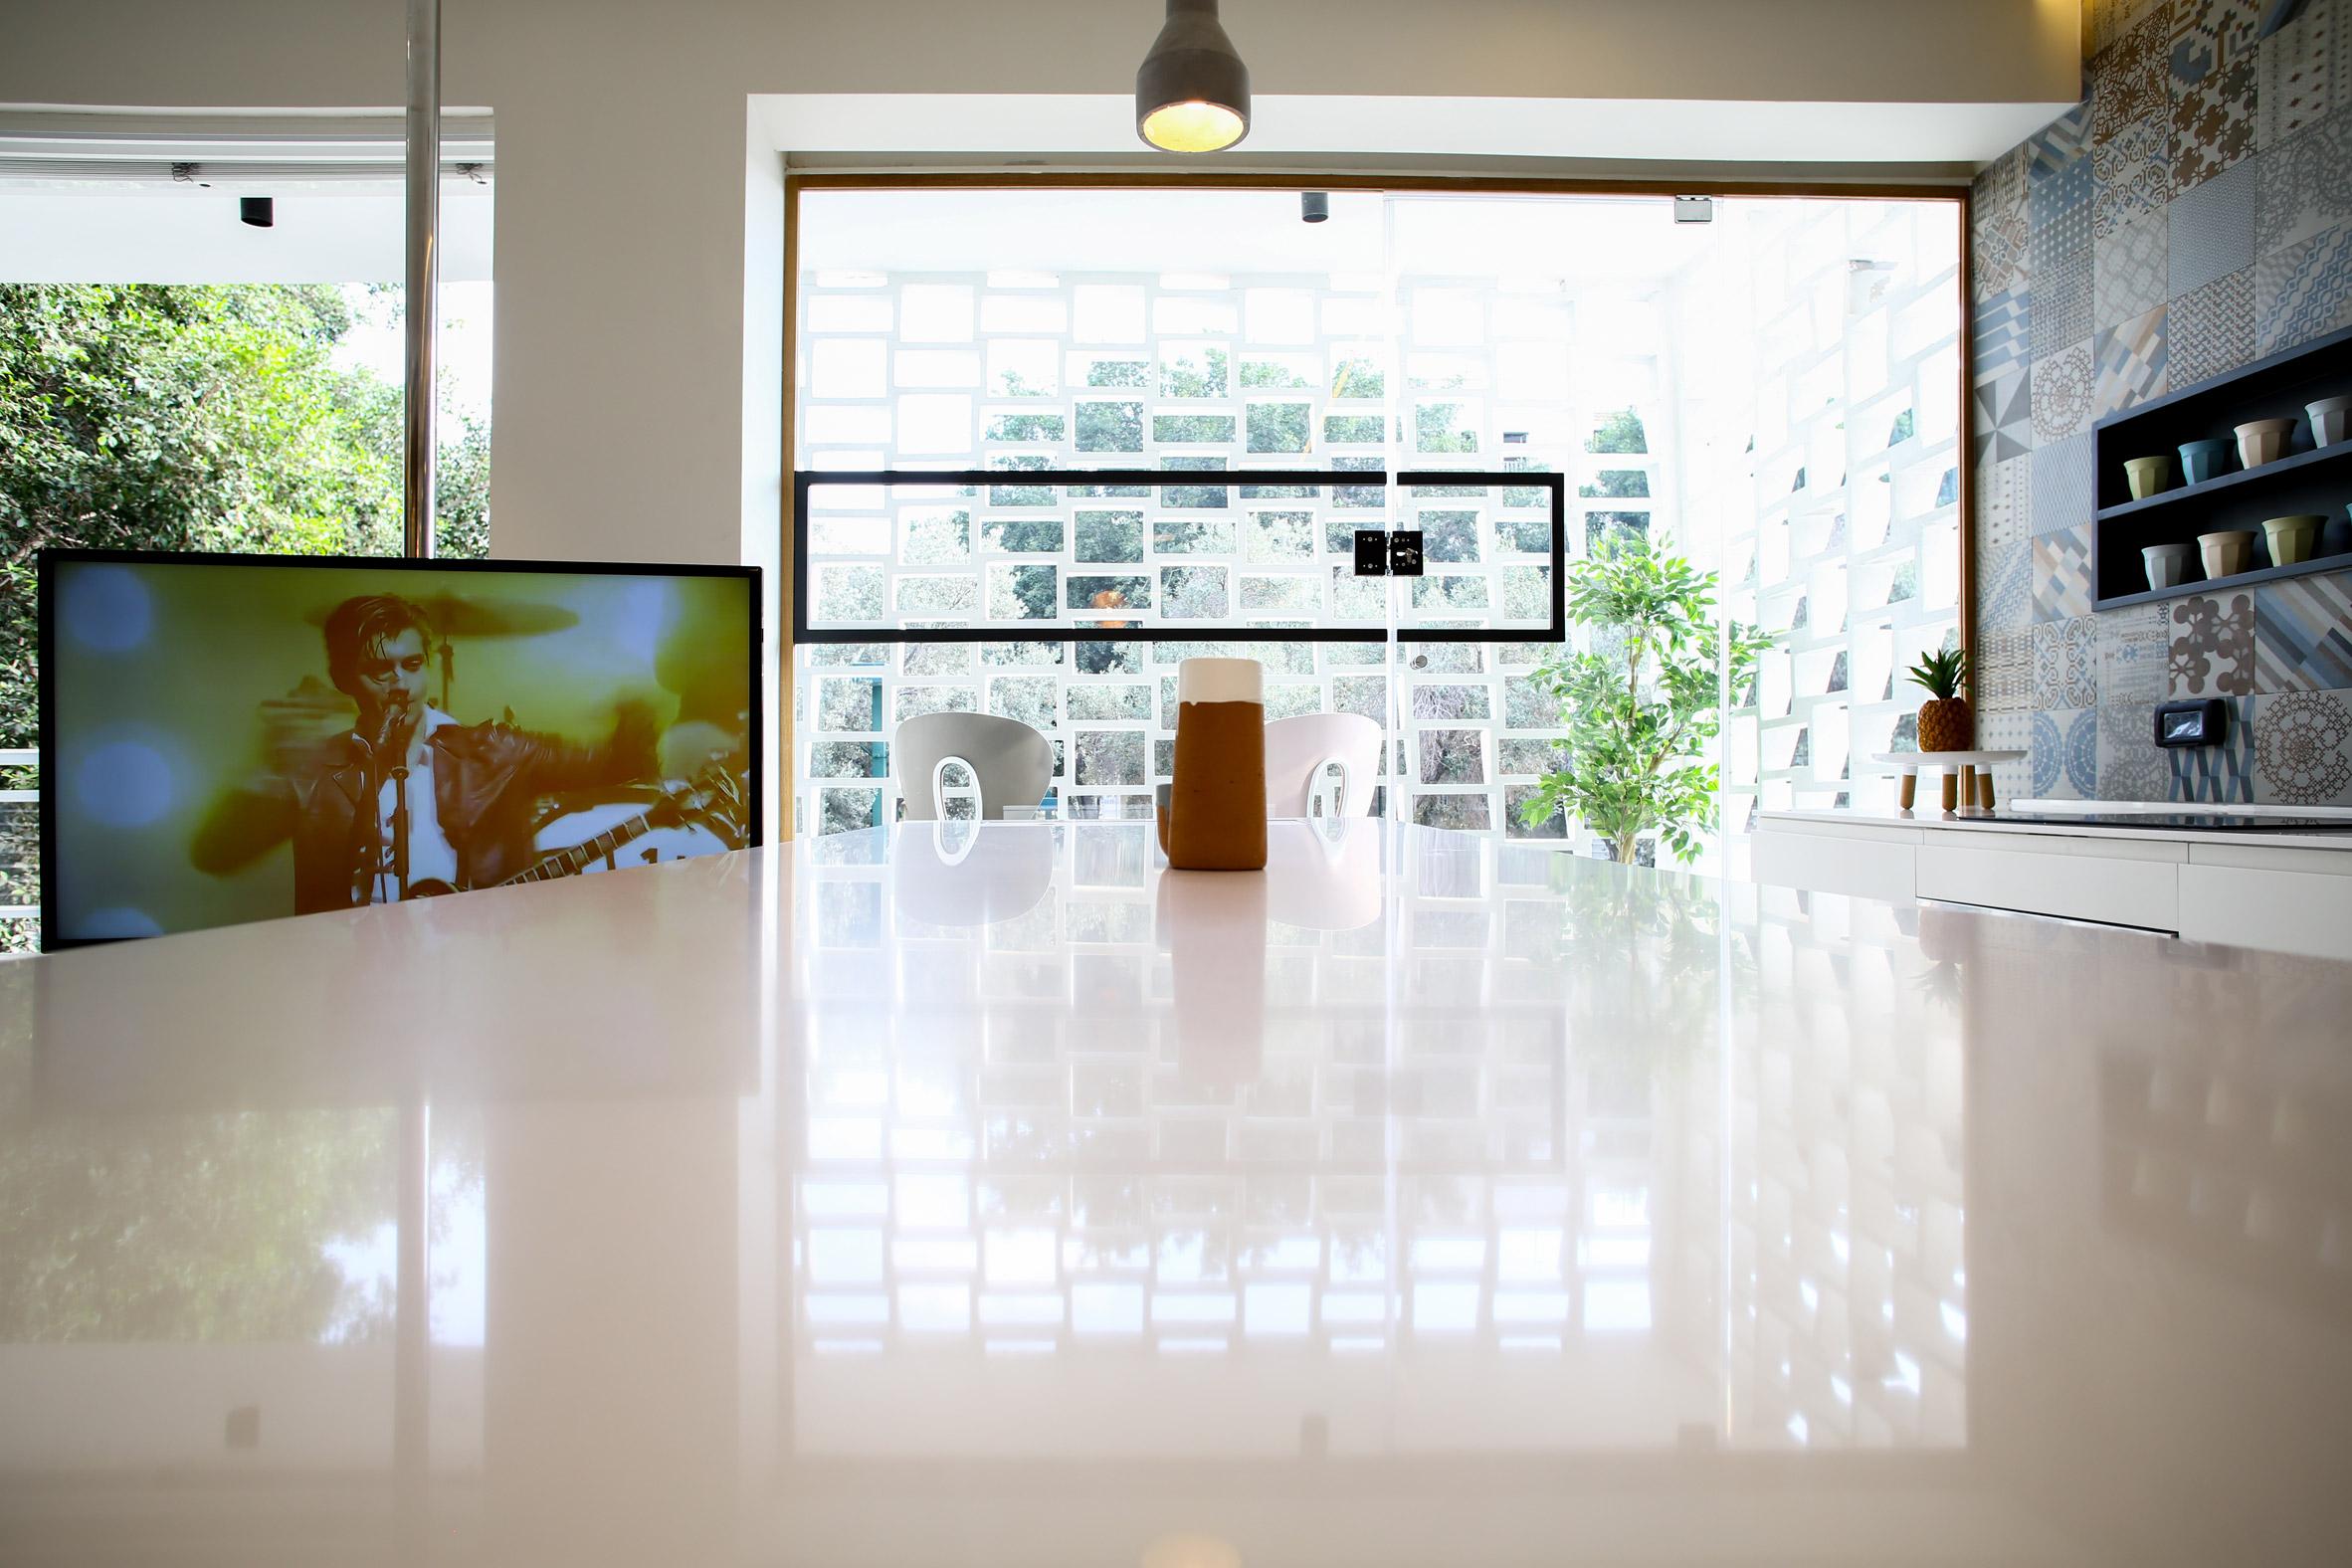 architecture-apartment-tel-aviv-design-studia-interiors-osnovadesign-osnova-poltava_14